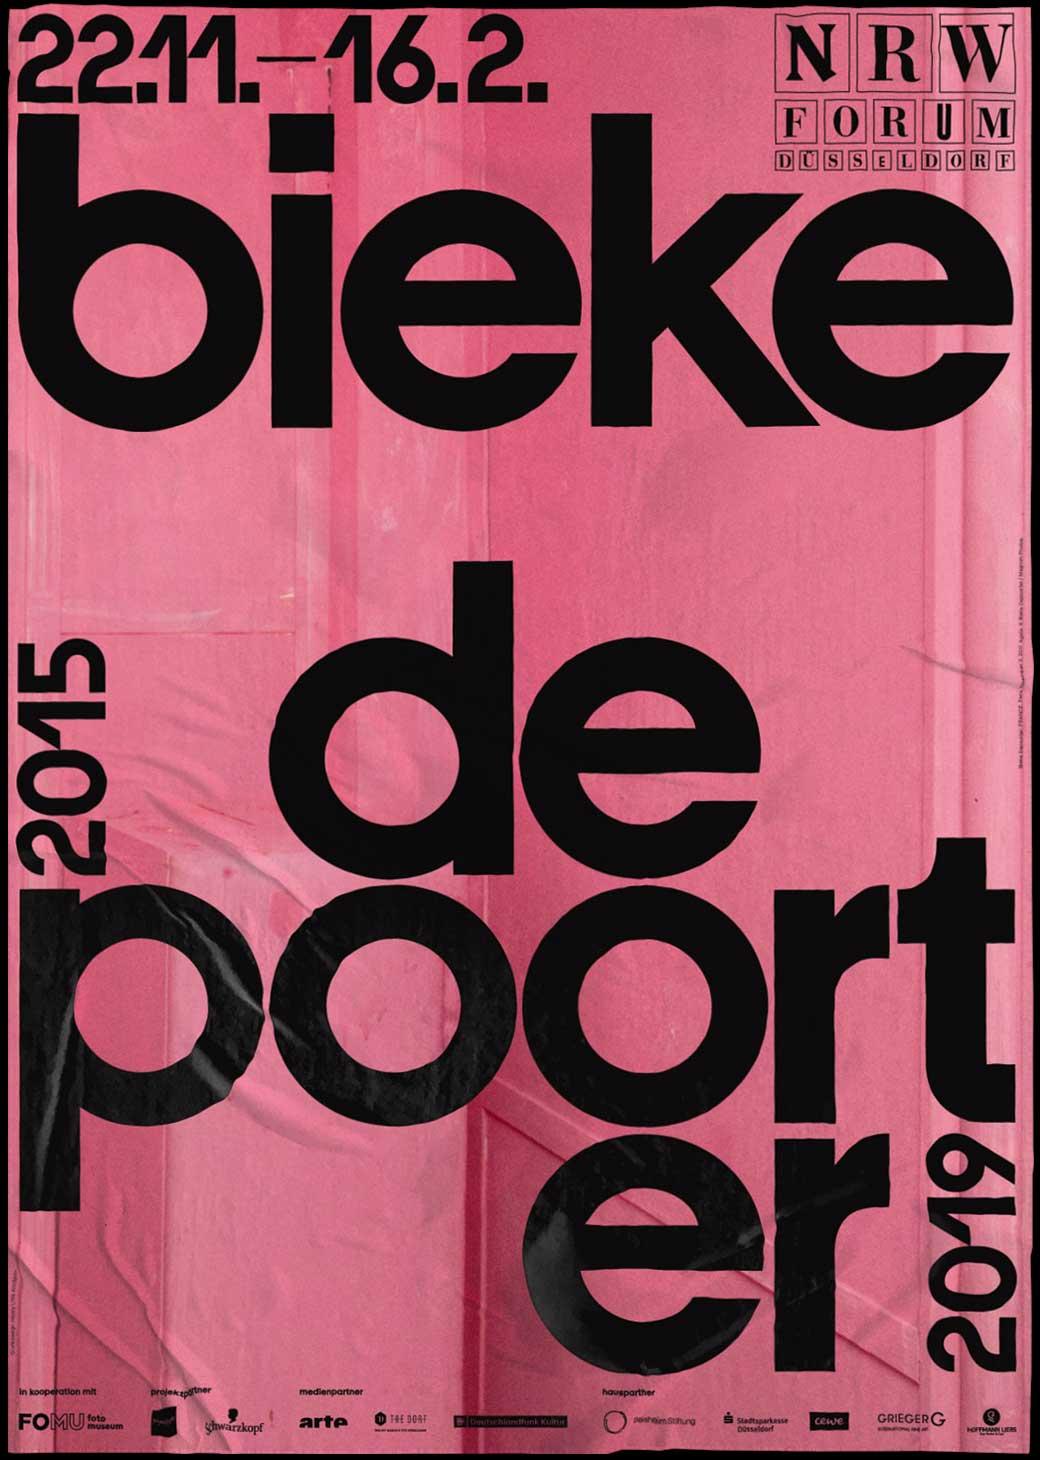 BIEKE-Komm-Plakat-1b